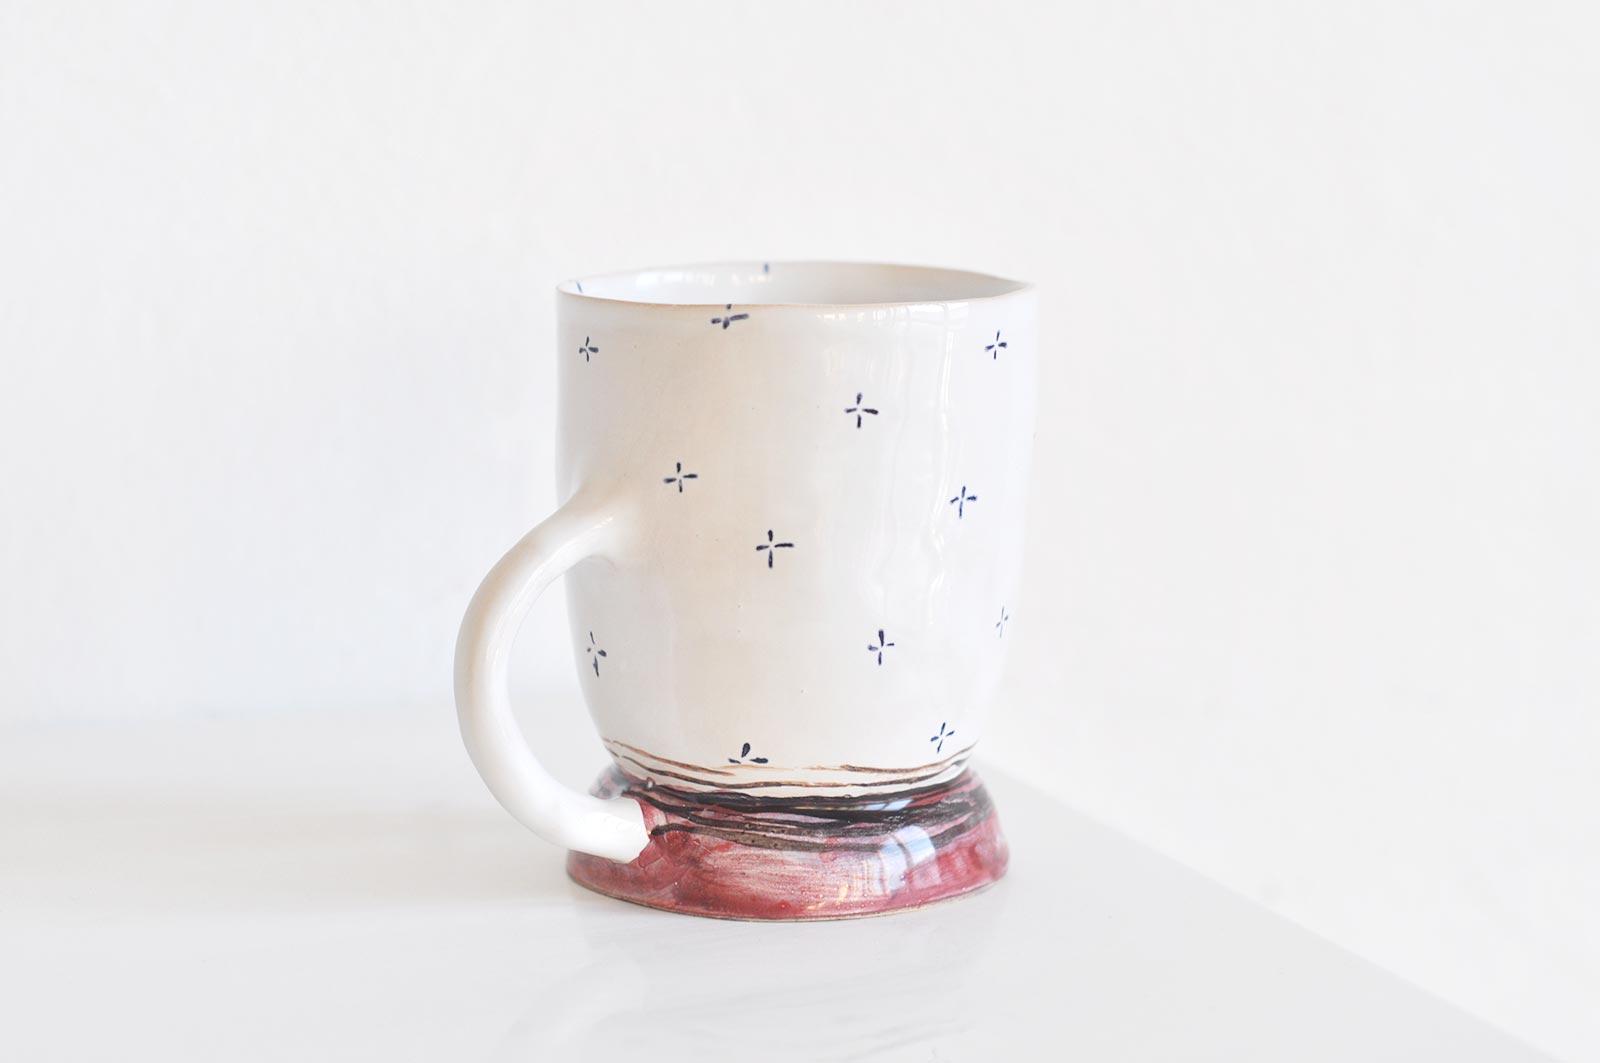 Вид сбоку - Чайная чашка из керамики (Ручная работа)